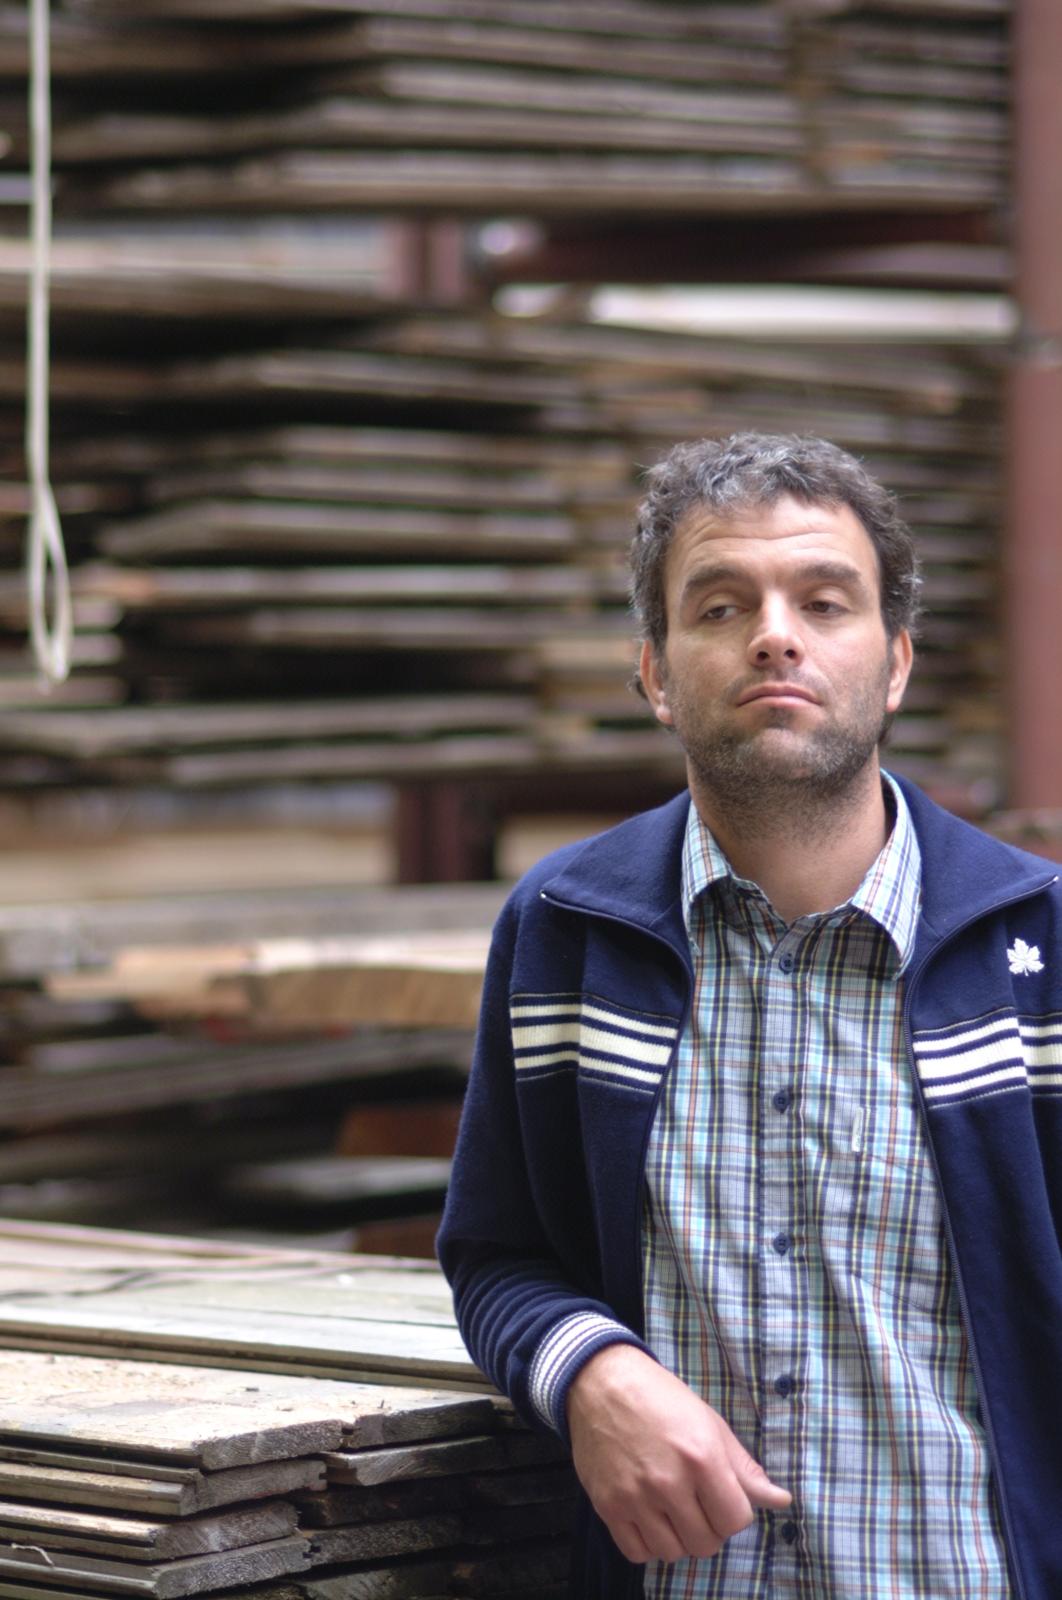 Piet Hein Eek posing with his scraps